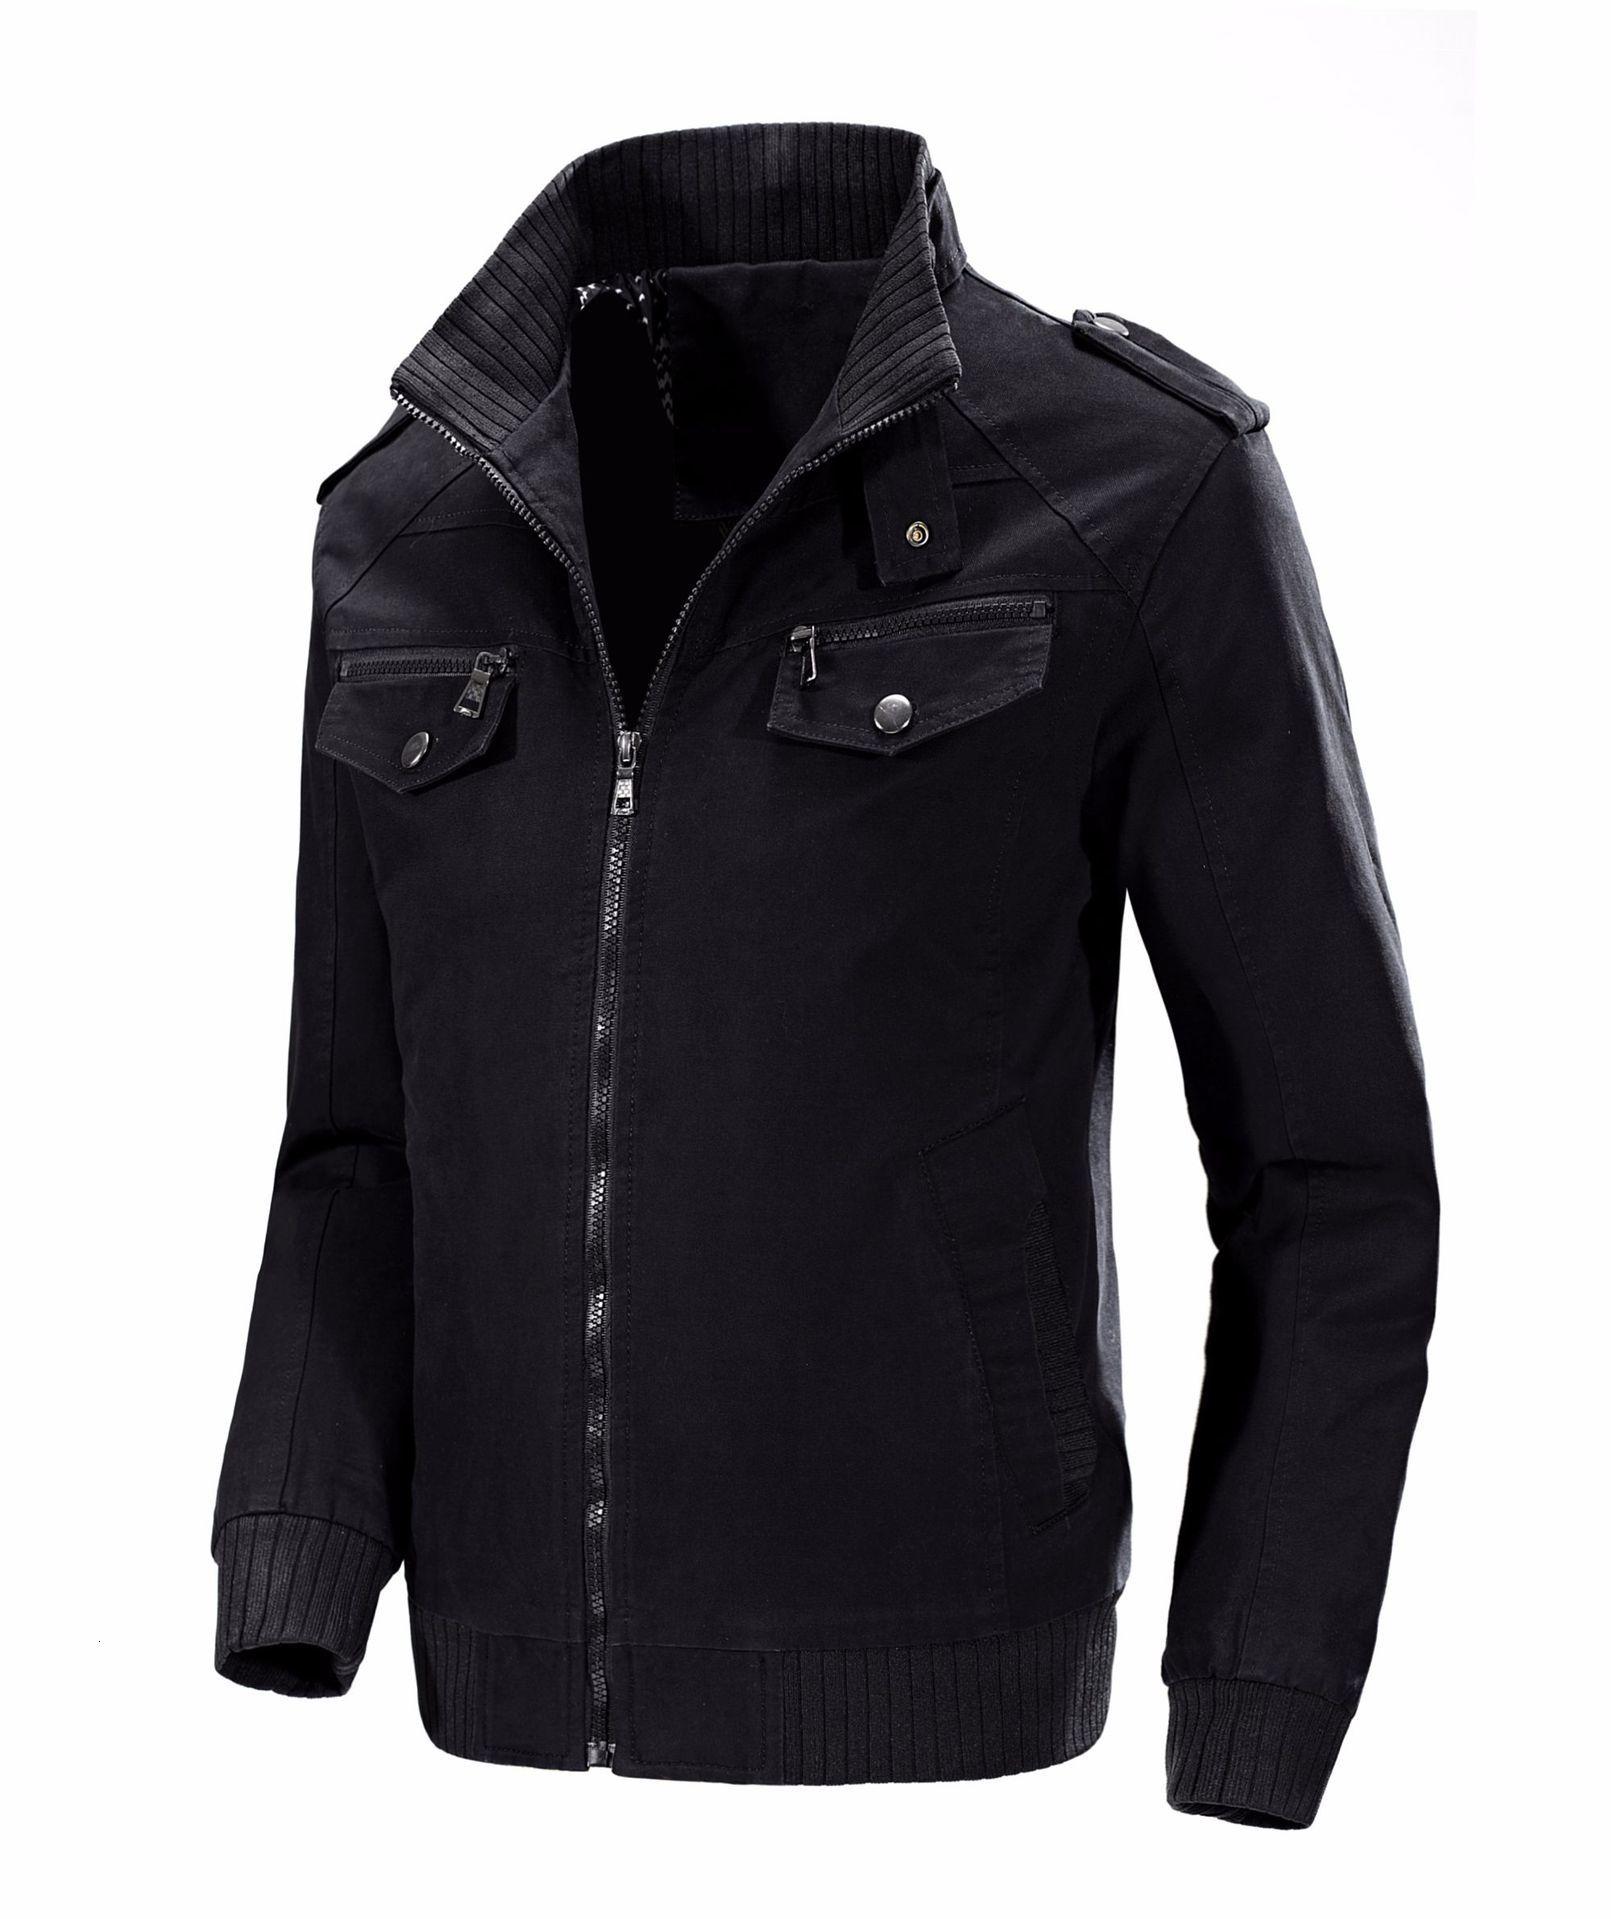 KOSMO MASA, хлопковая куртка бомбер, Мужская ветровка, Военный стиль, 4xl, черный цвет, весна осень, повседневная мужская куртка и пальто для мужчин... - 5